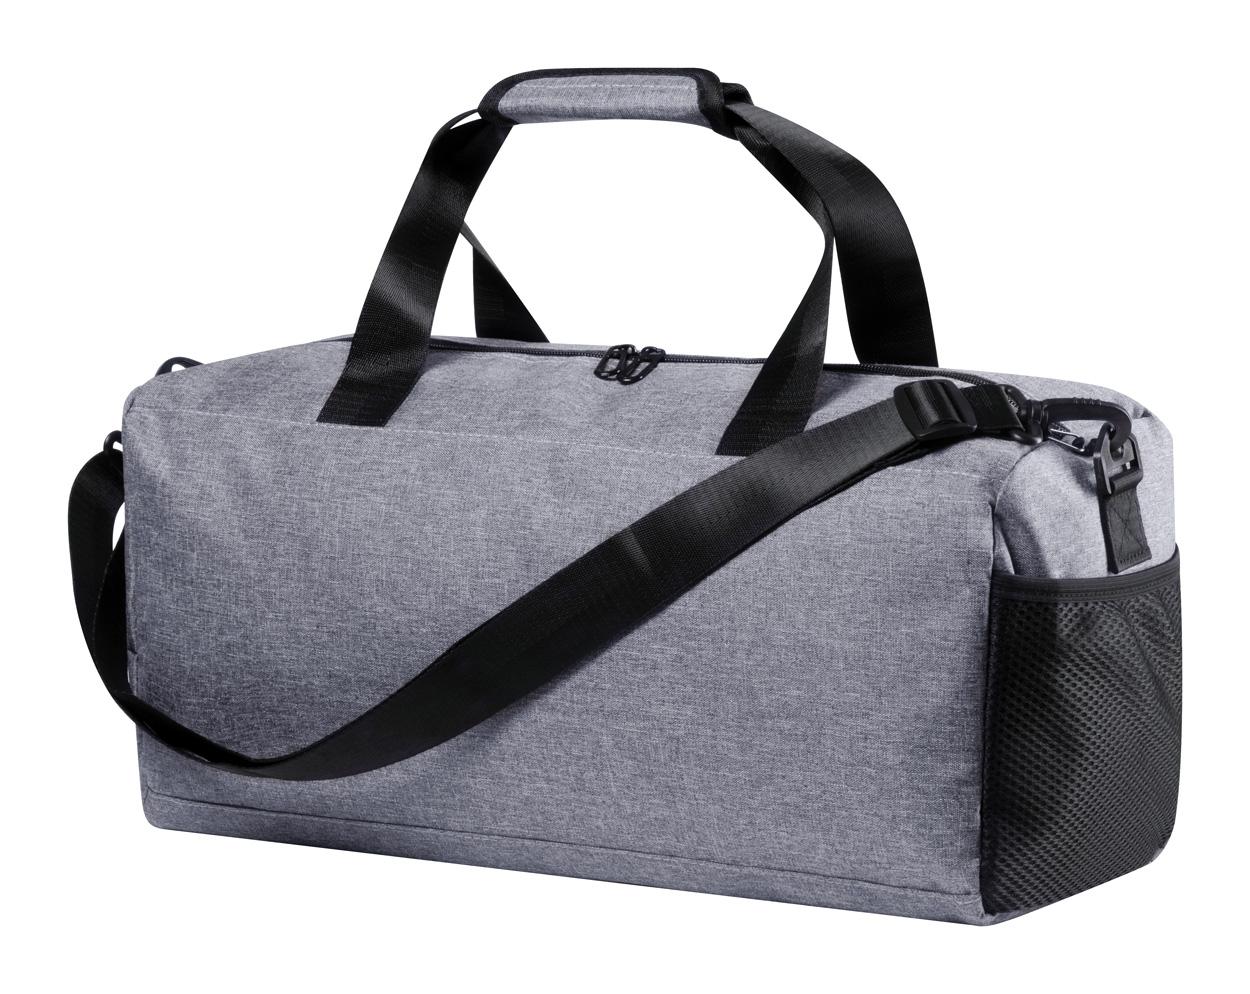 Lutux sportovní taška